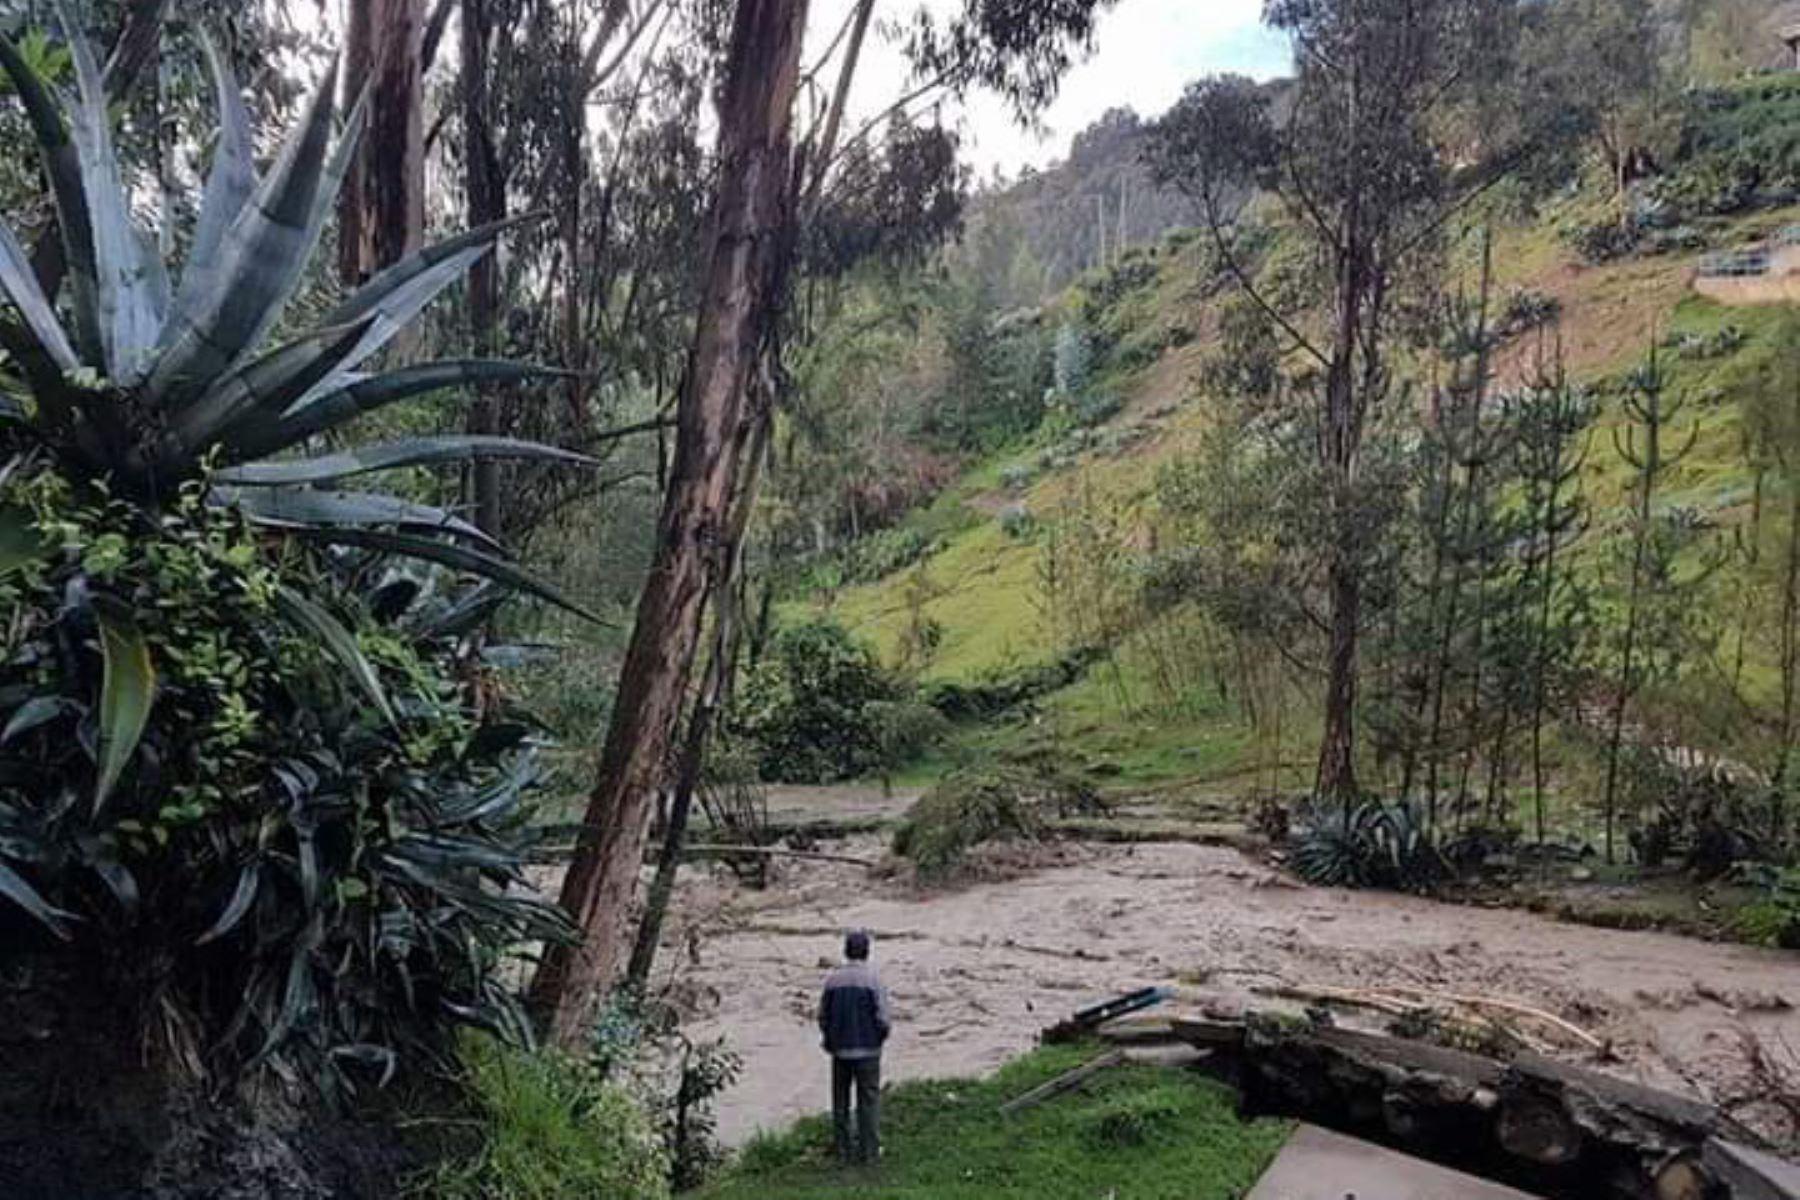 Desborde del río Pomabamba deja 22 familias damnificadas en Áncash. Foto: Facebook.